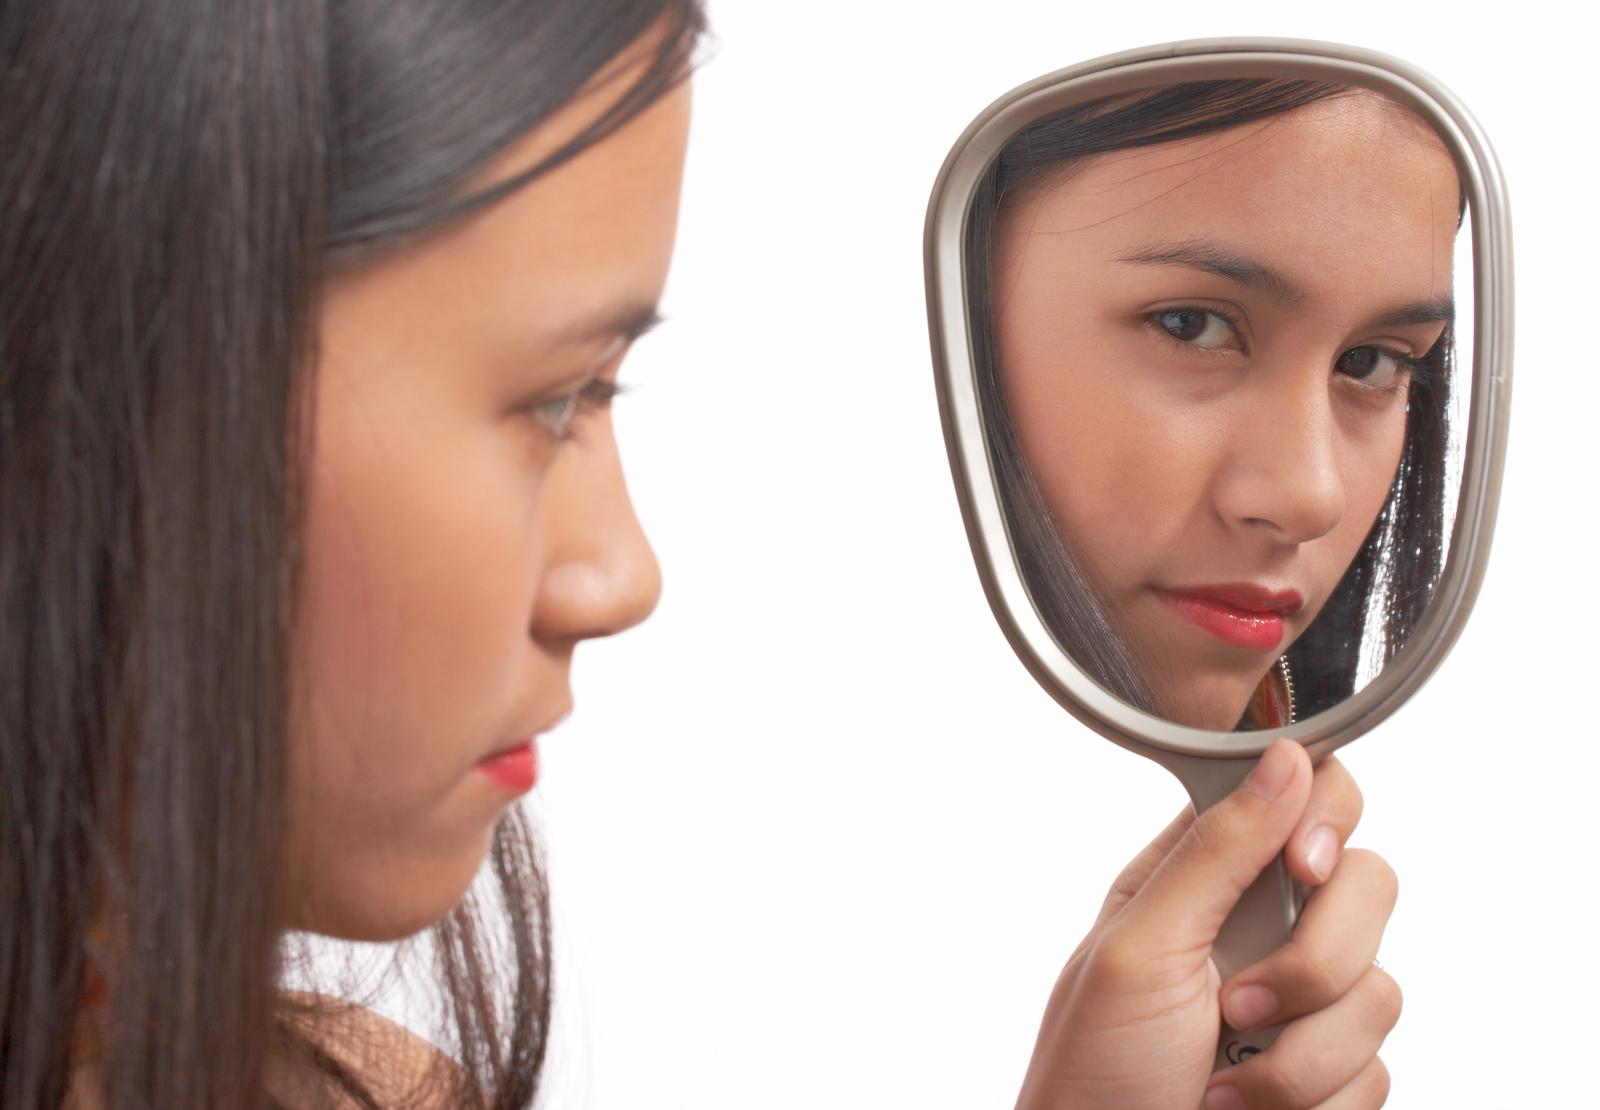 Как перестать стесняться людей и стать увереннее в себе